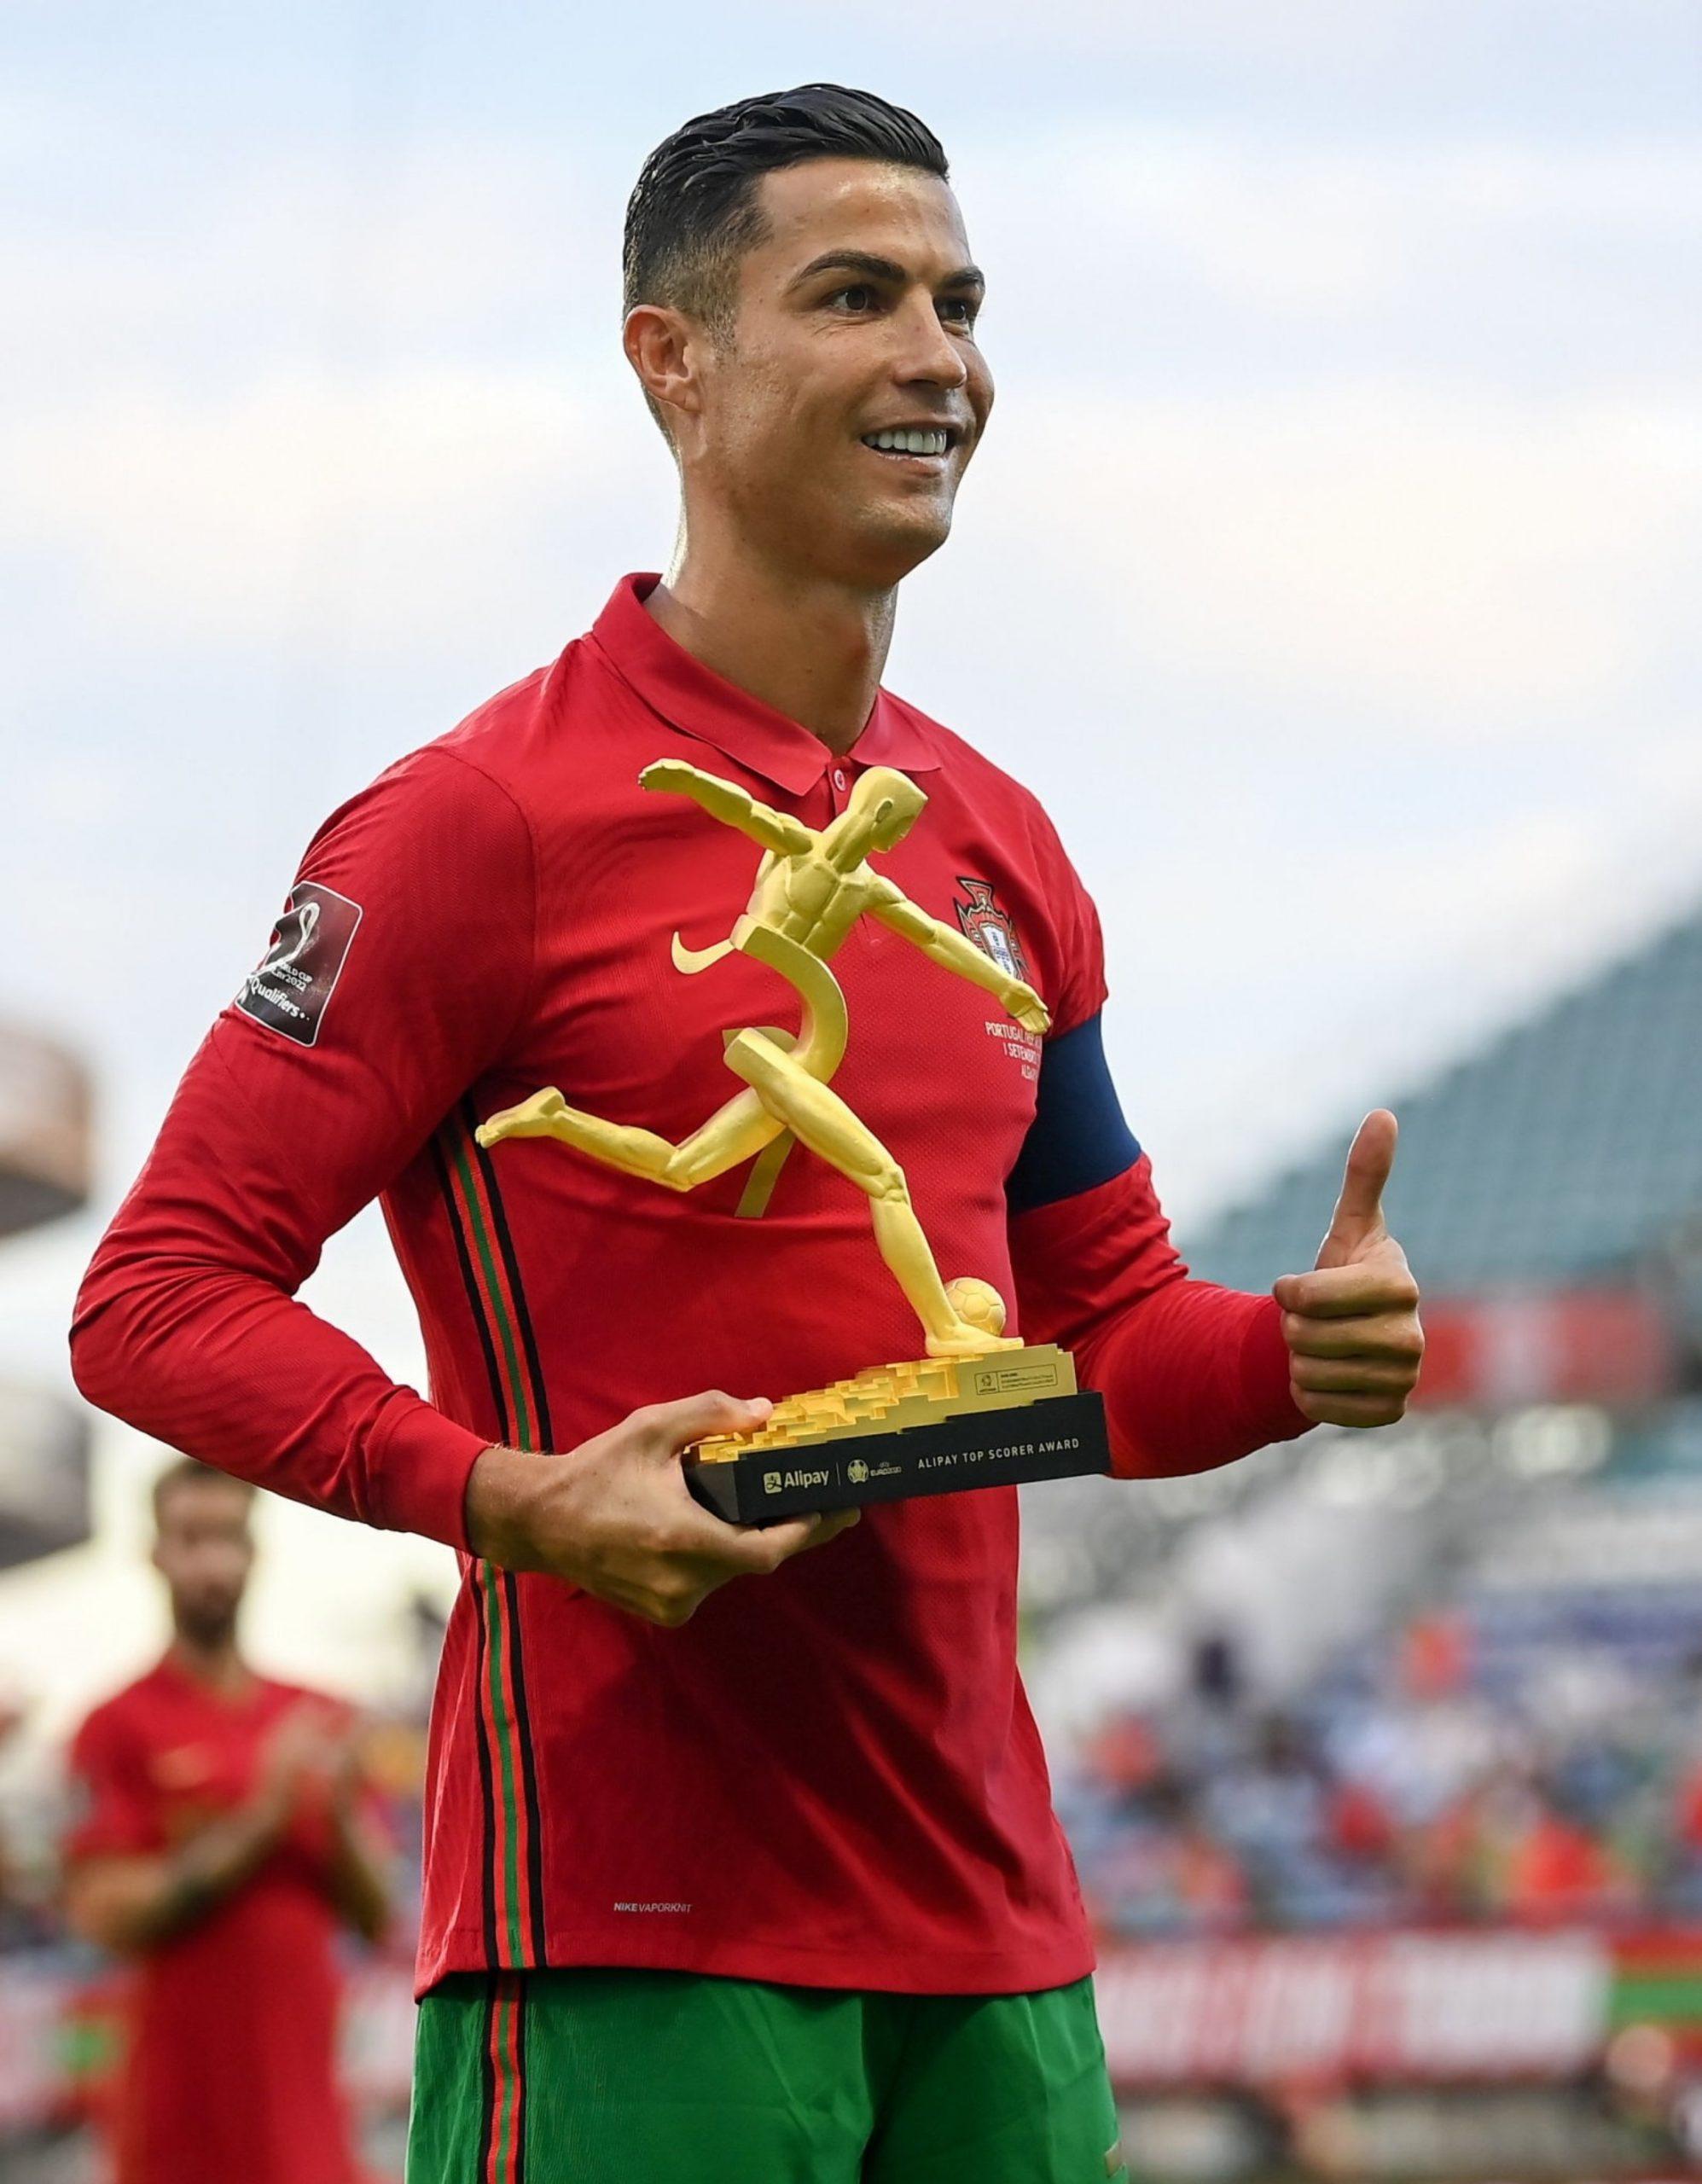 Breaking : Ronaldo becomes highest scoring man in international soccer